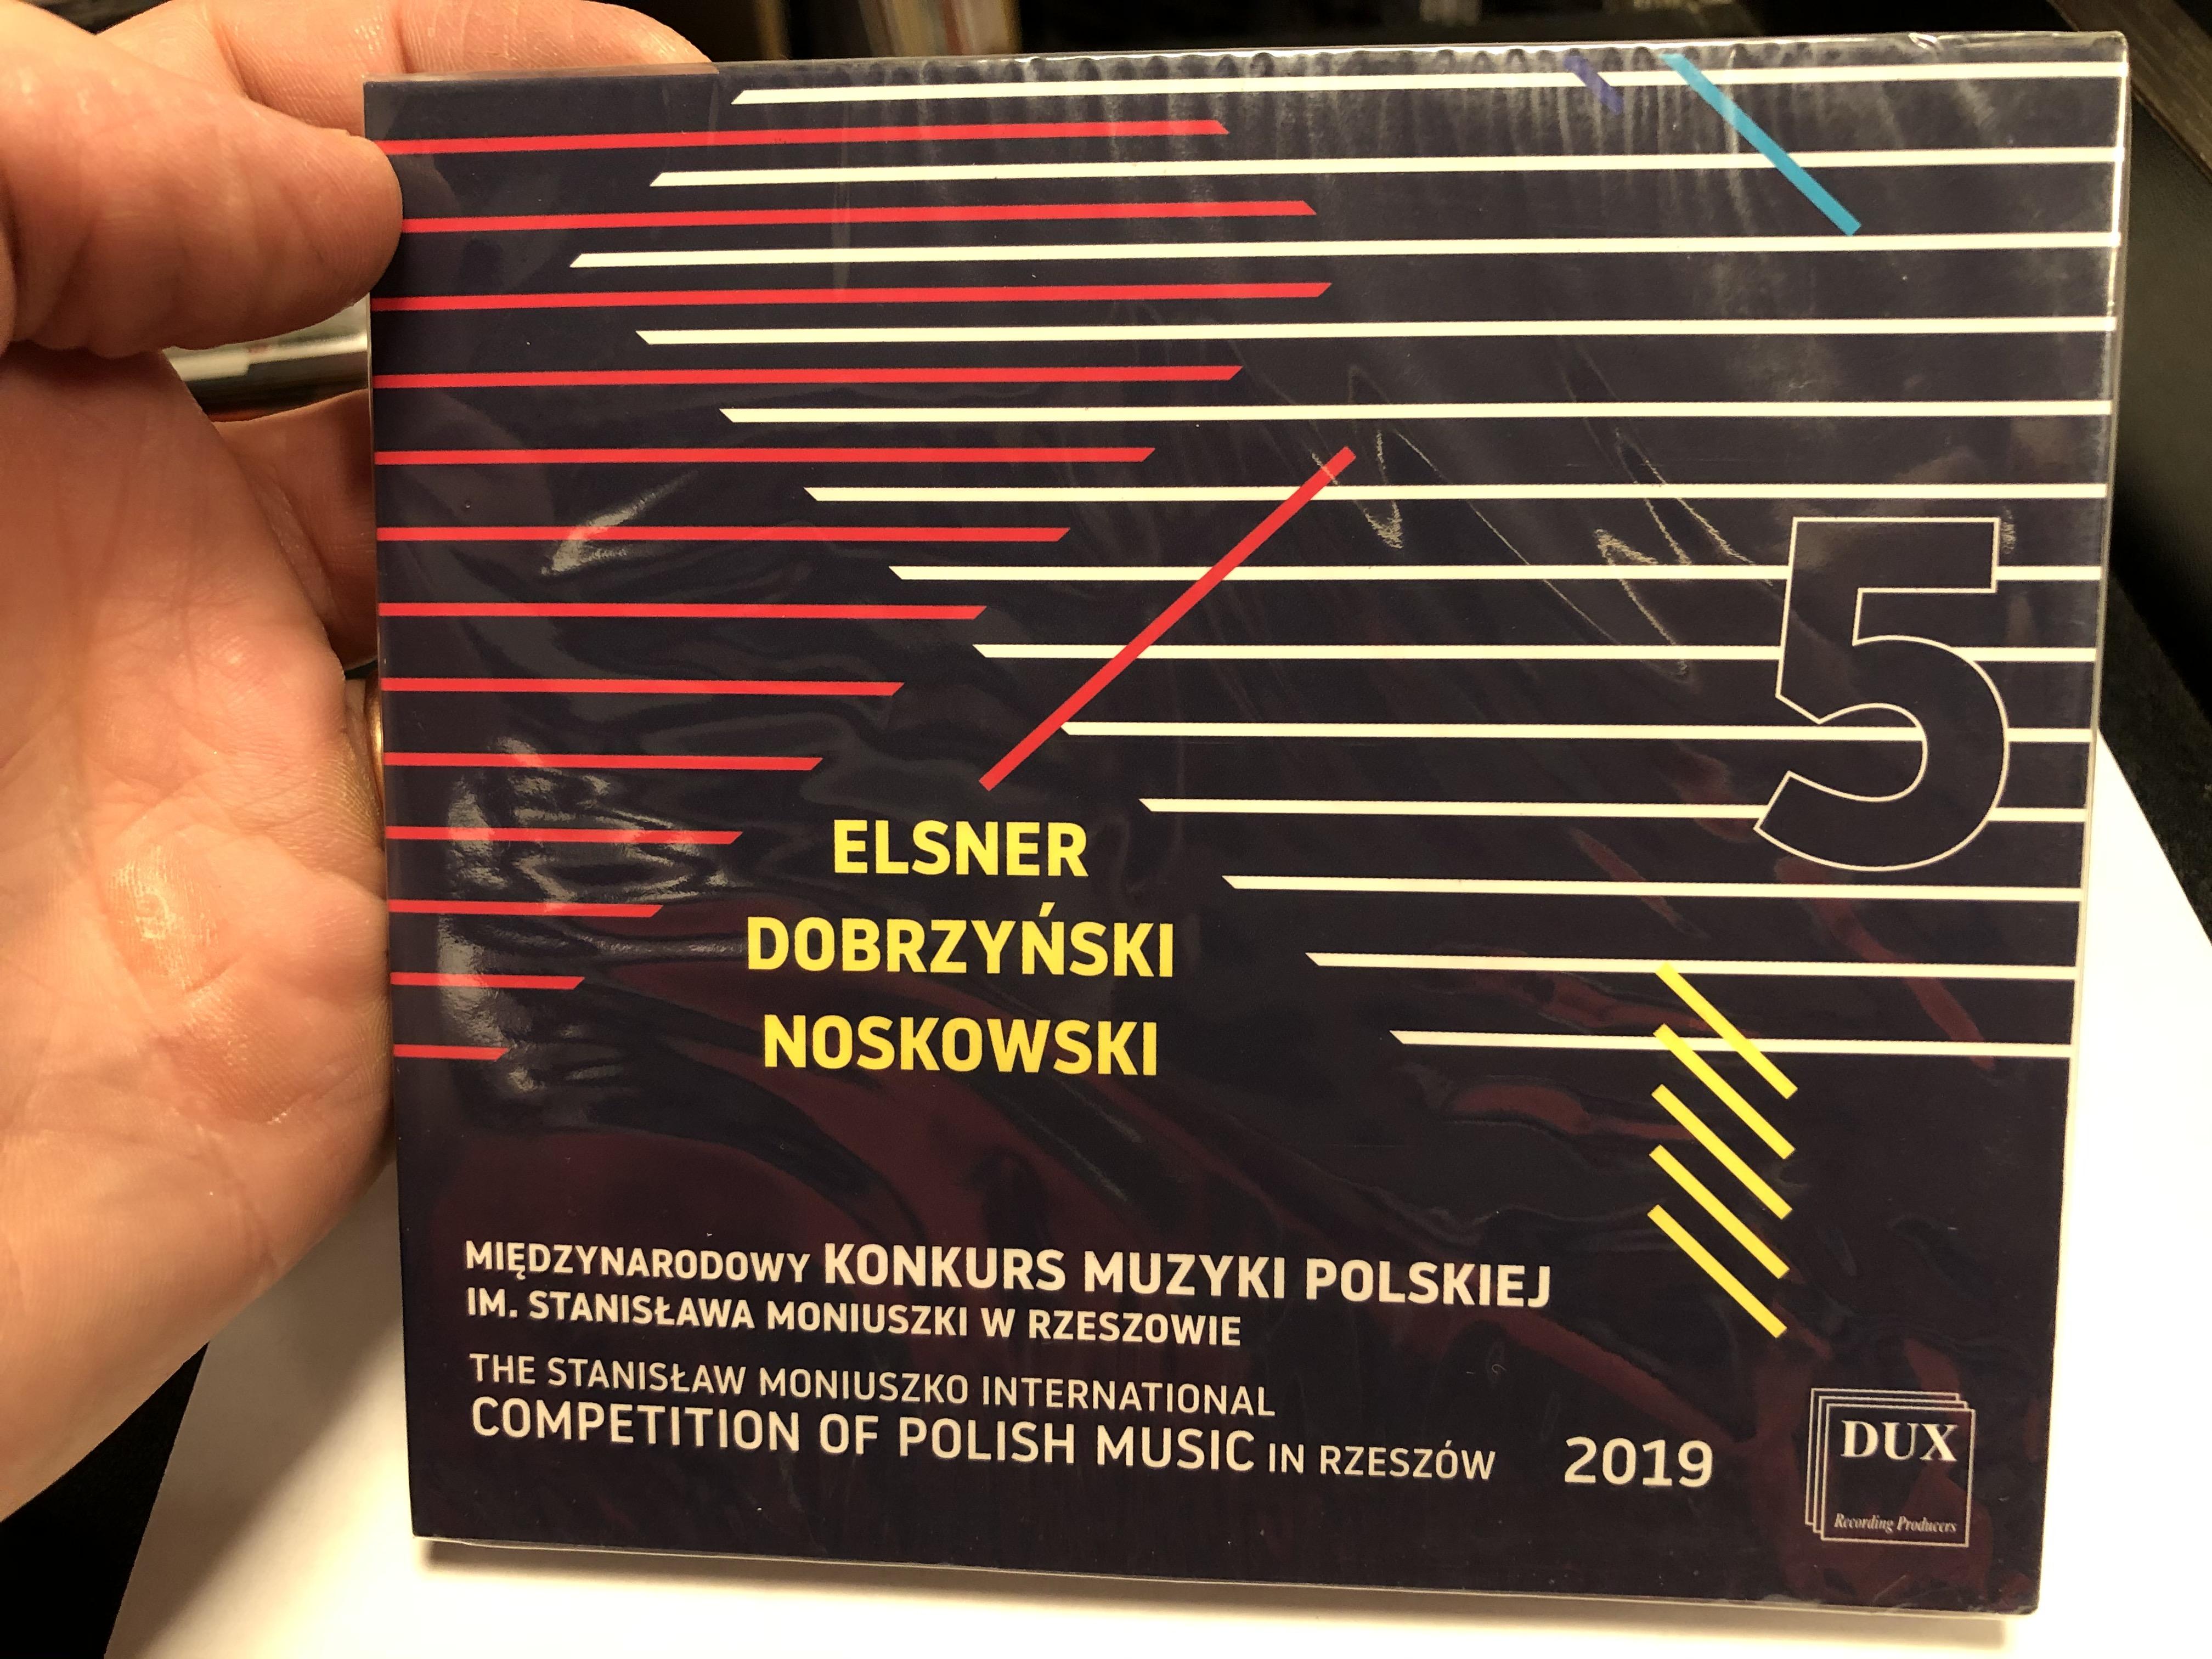 elsner-dobrzynski-noskowski-miedzynarodowy-konkurs-muzyki-polskiej-im.-stanislawa-moniuszki-w-rzeszowie-the-stanislaw-moniuszko-international-competition-of-polish-music-in-rzeszow-2019-1-.jpg